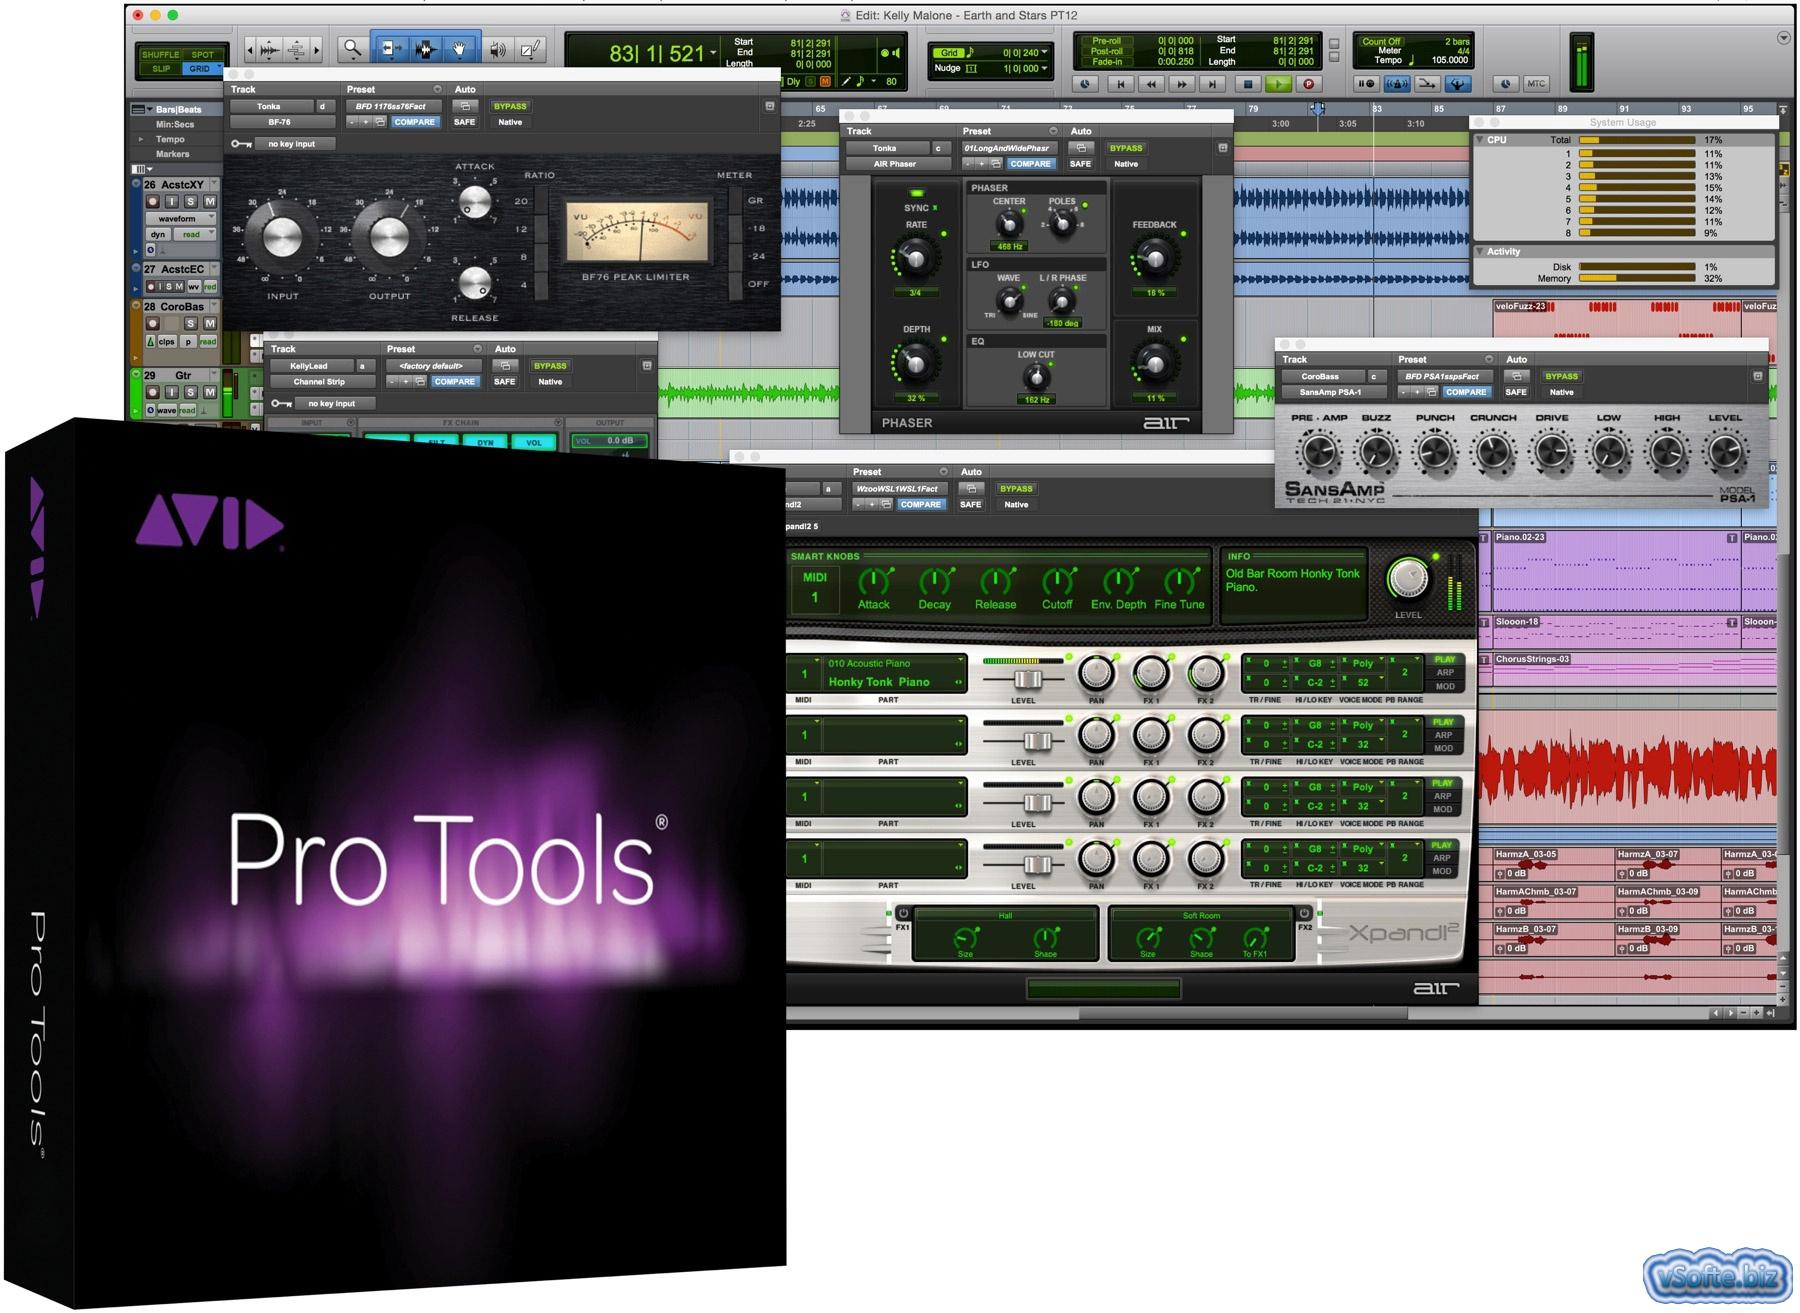 Pro tools скачать программу бесплатно